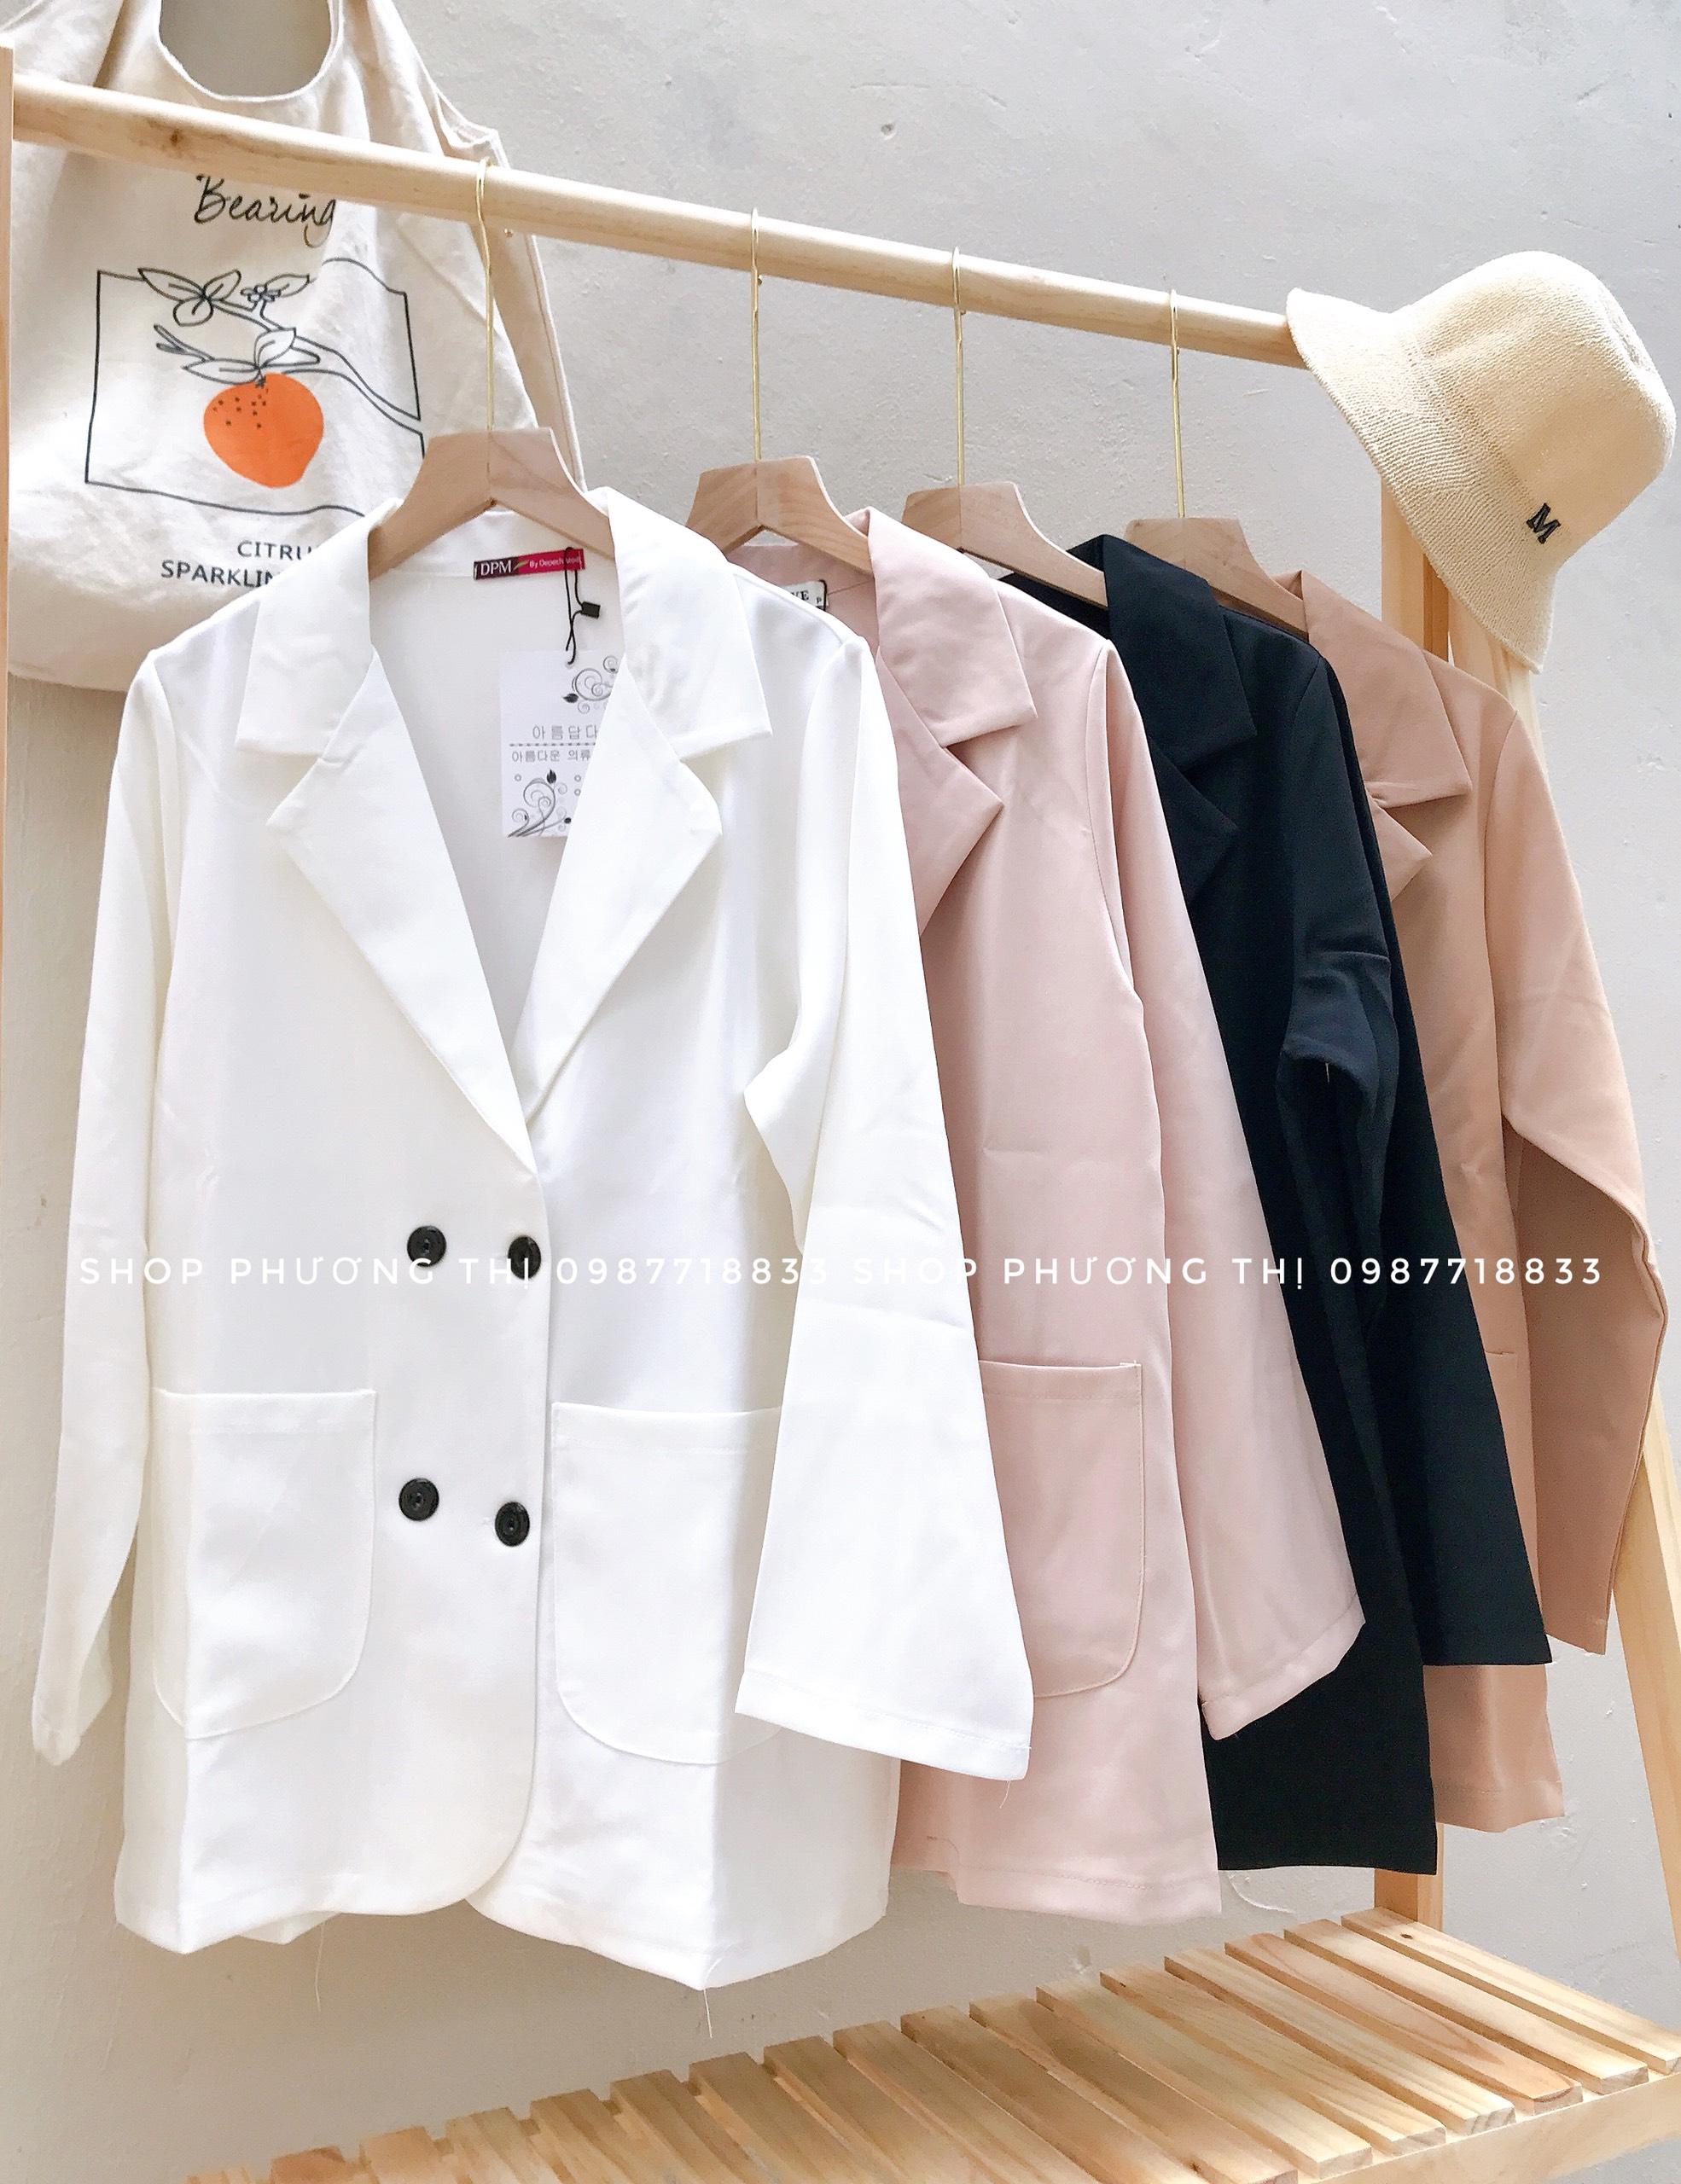 Áo blazer trơn hàn quốc 1 lớp (hình thật shop chụp/sẵn)